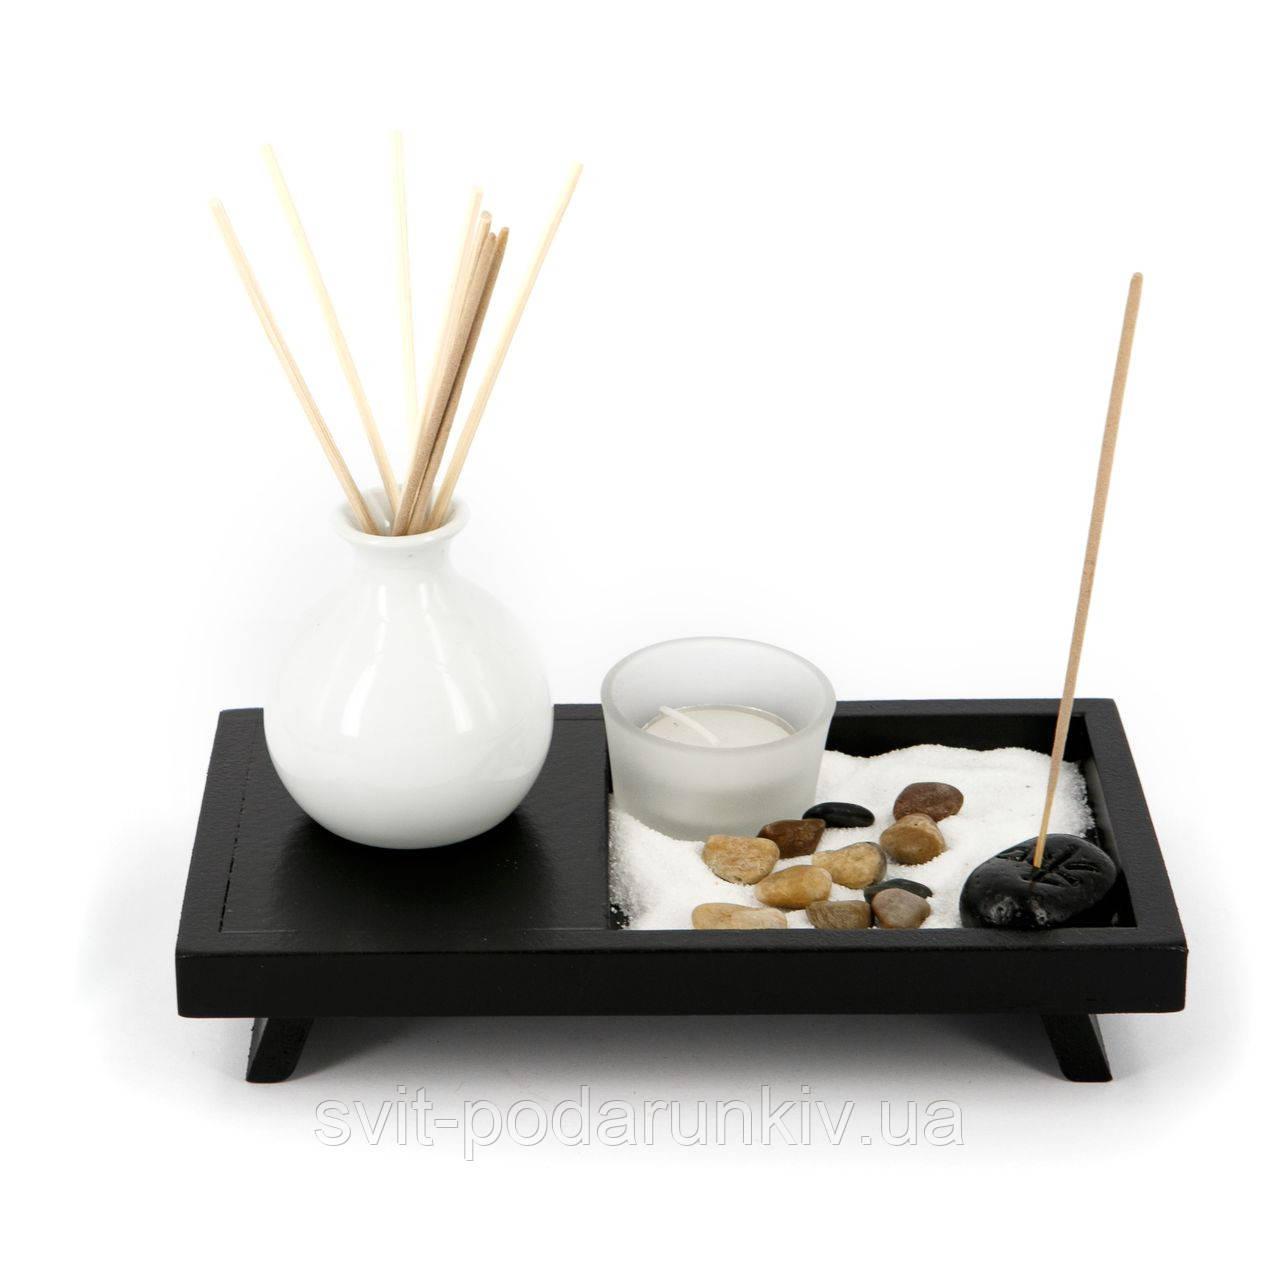 Подарочный набор с подсвечником в японском стиле YS052